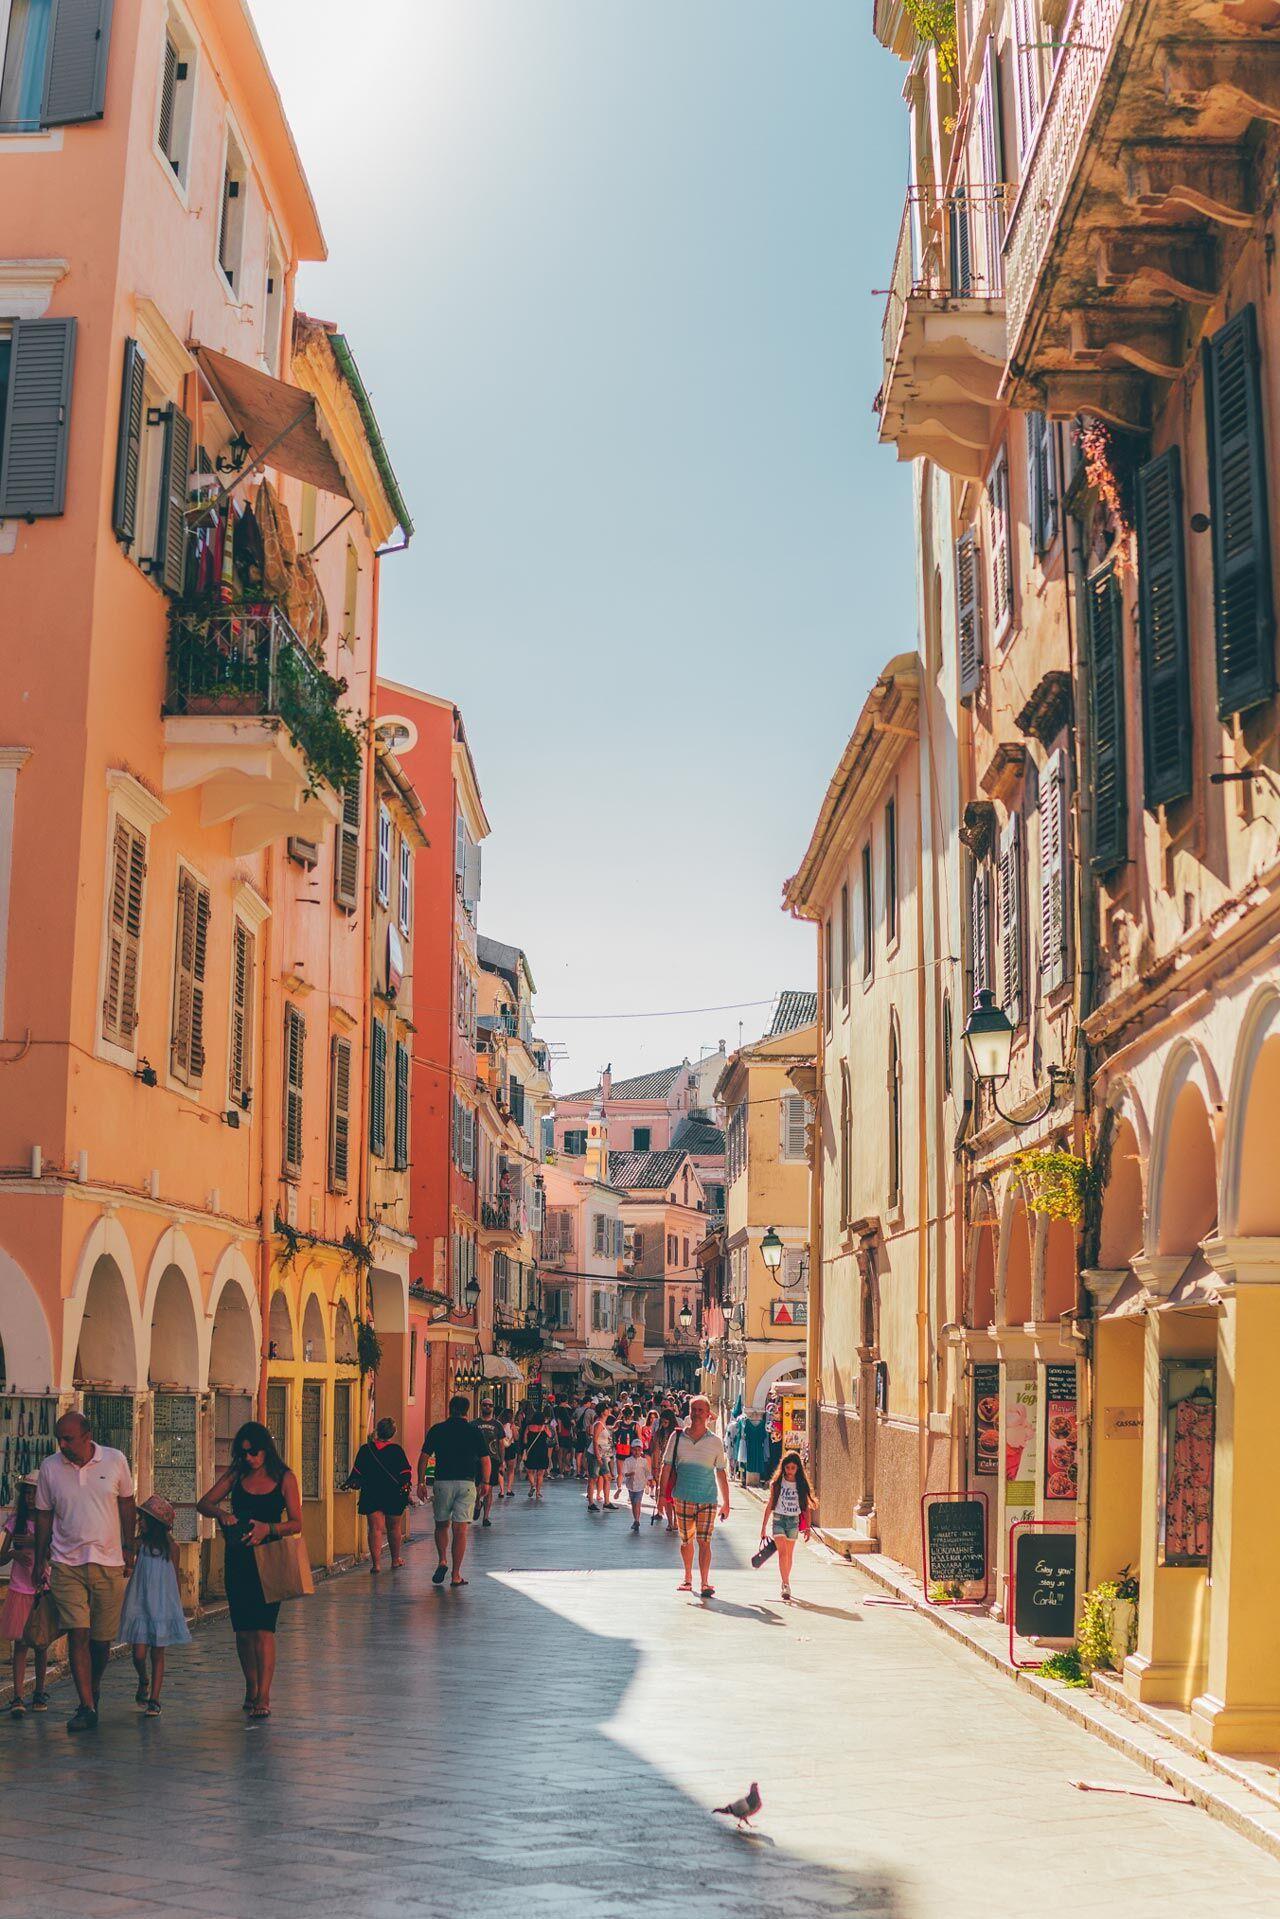 8 λόγοι για να επισκεφθείτε την Κέρκυρα | Travel Ideas | Discover Greece